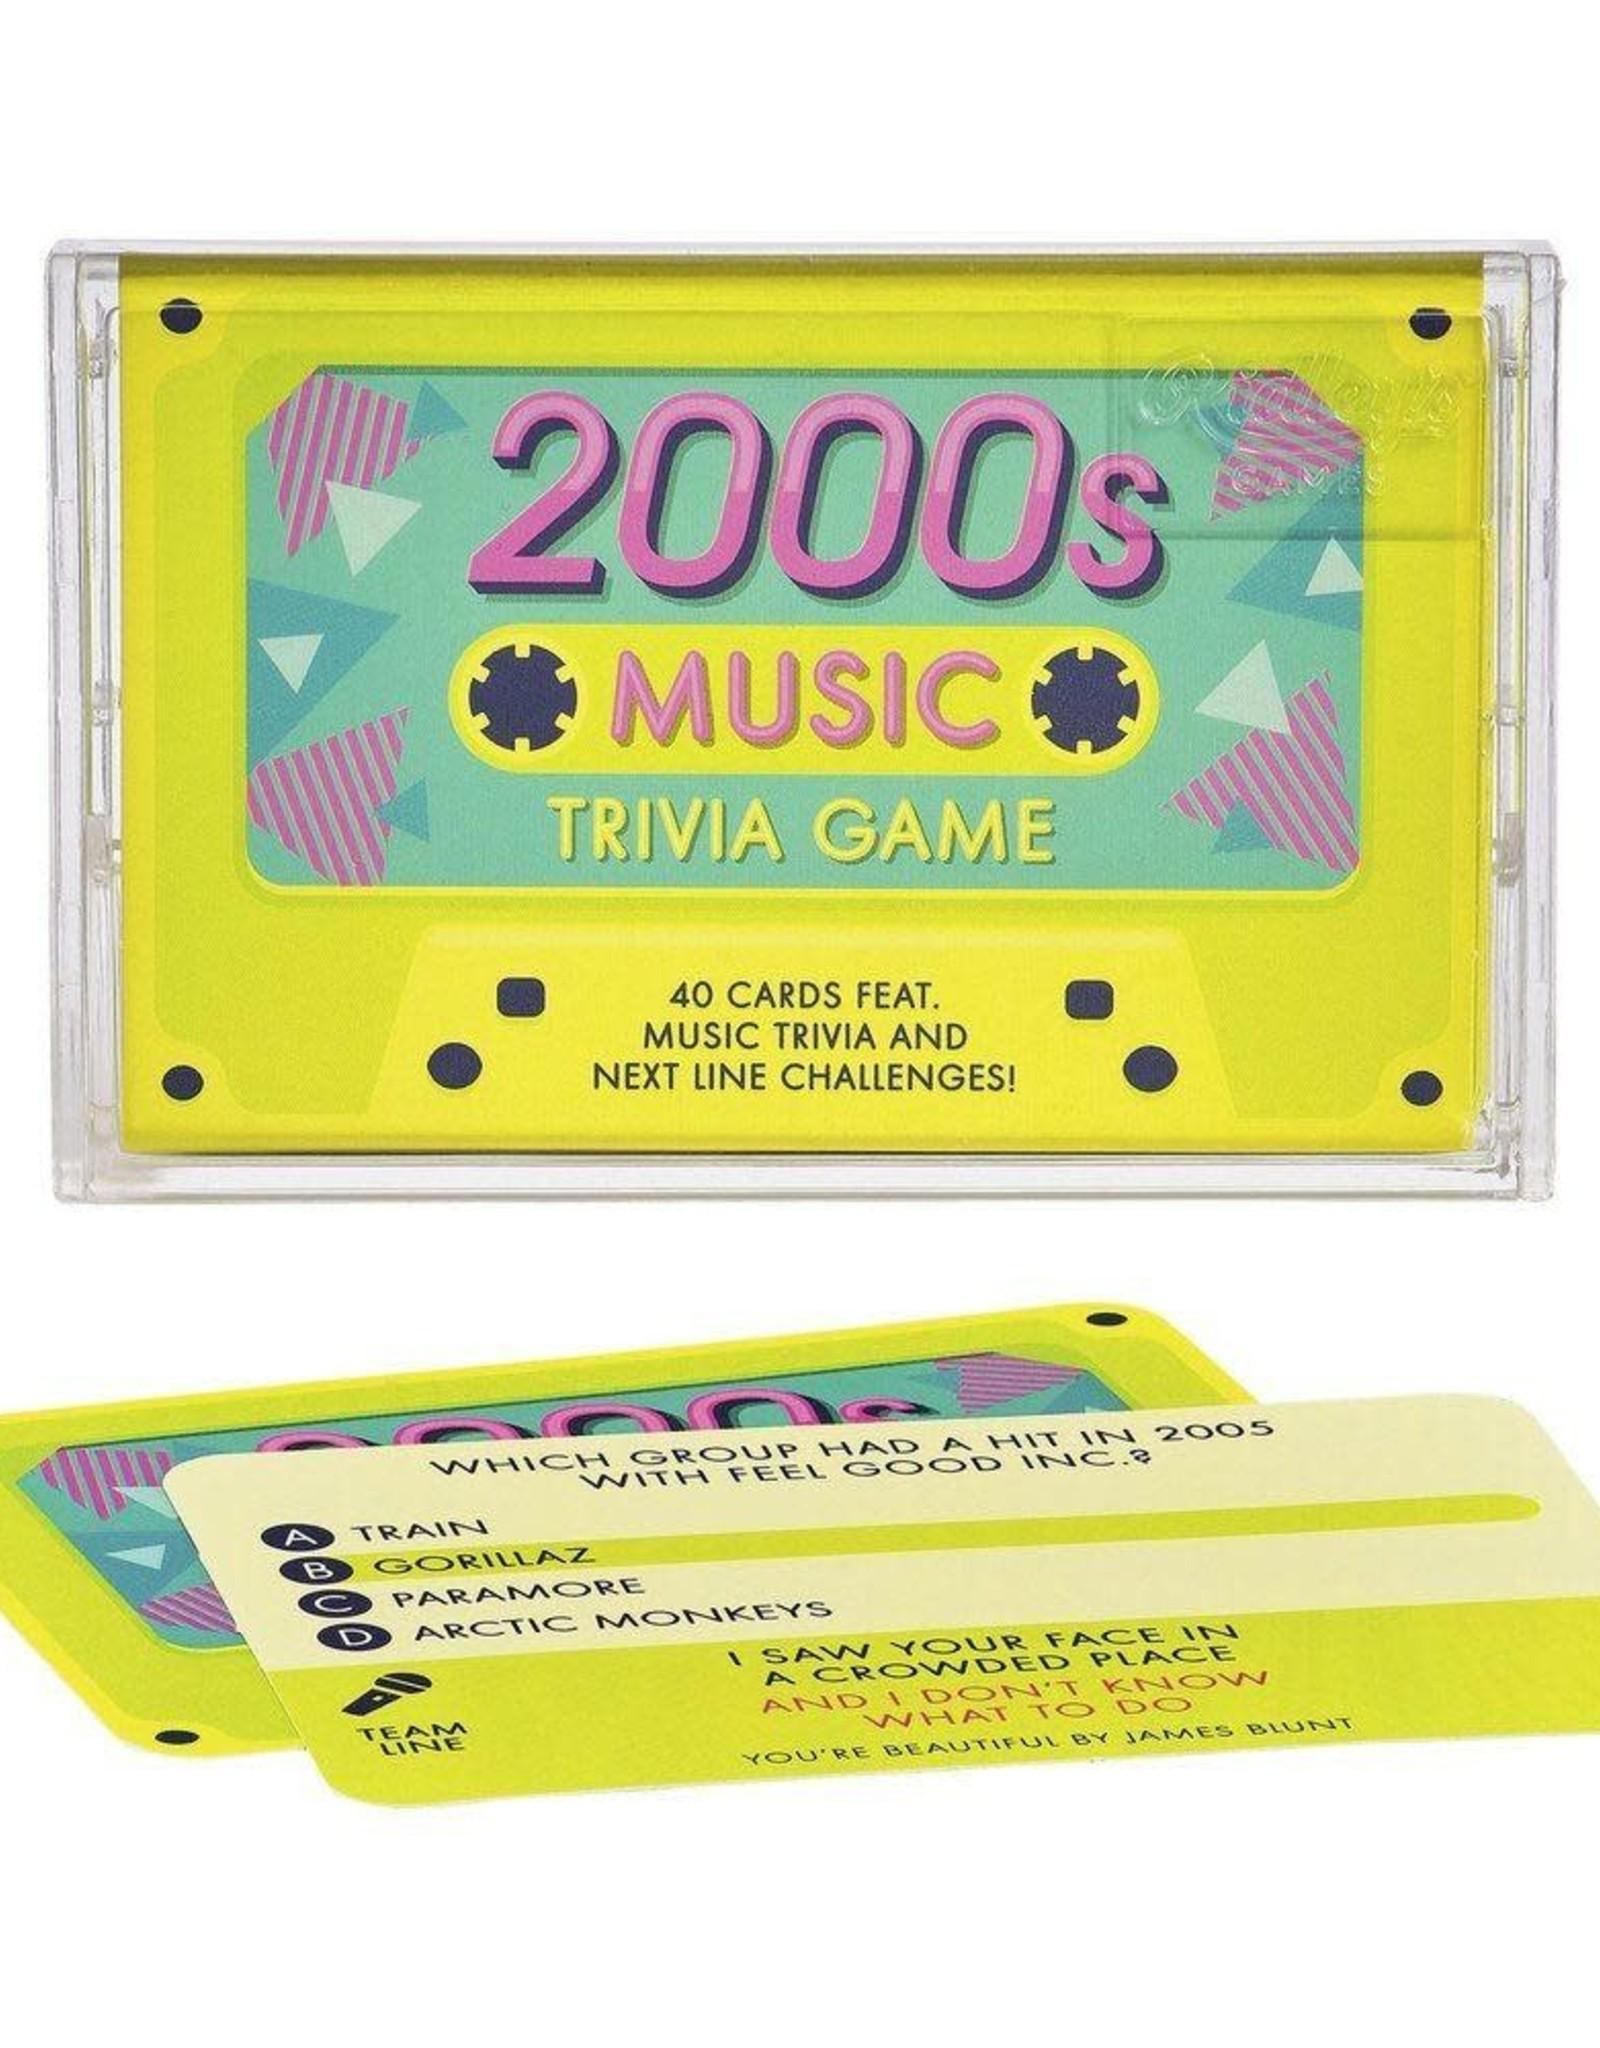 2000s Music Trivia Cassette Quiz